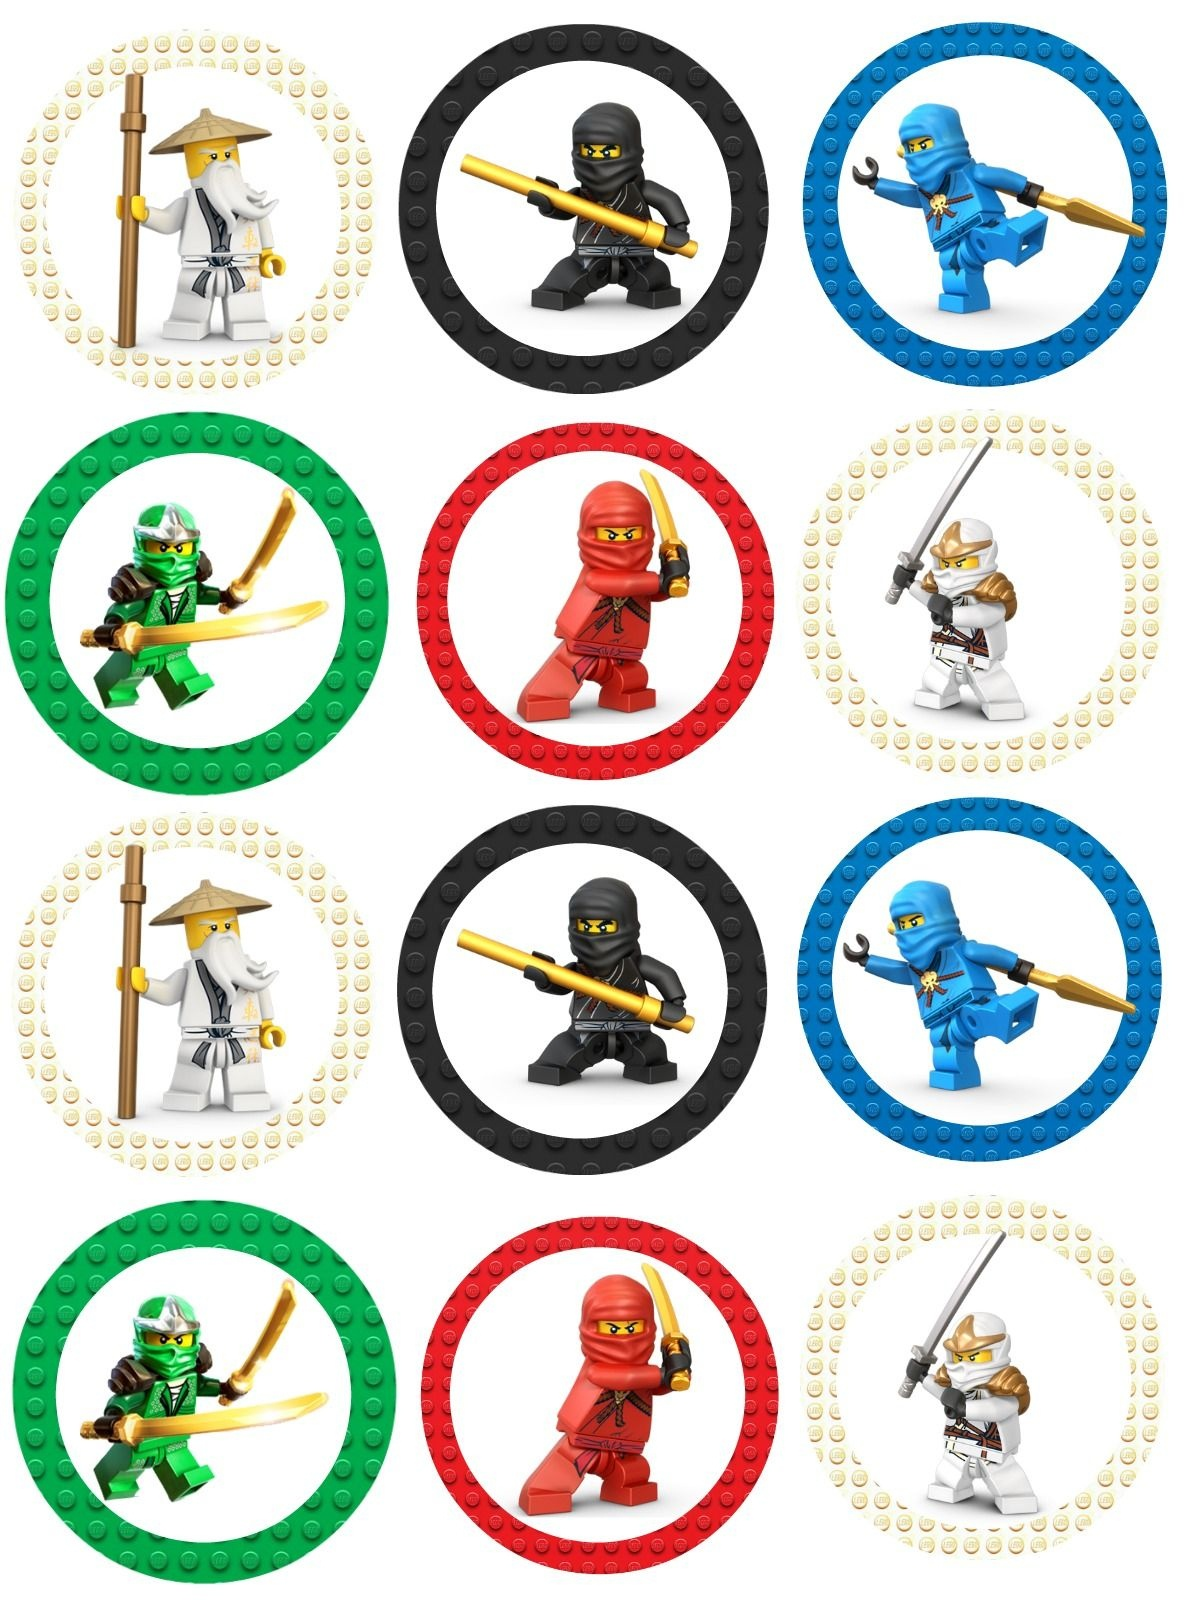 Ninjago Cupcake Toppers | Lego Ninja Printables | Lego Birthday - Free Ninjago Printables